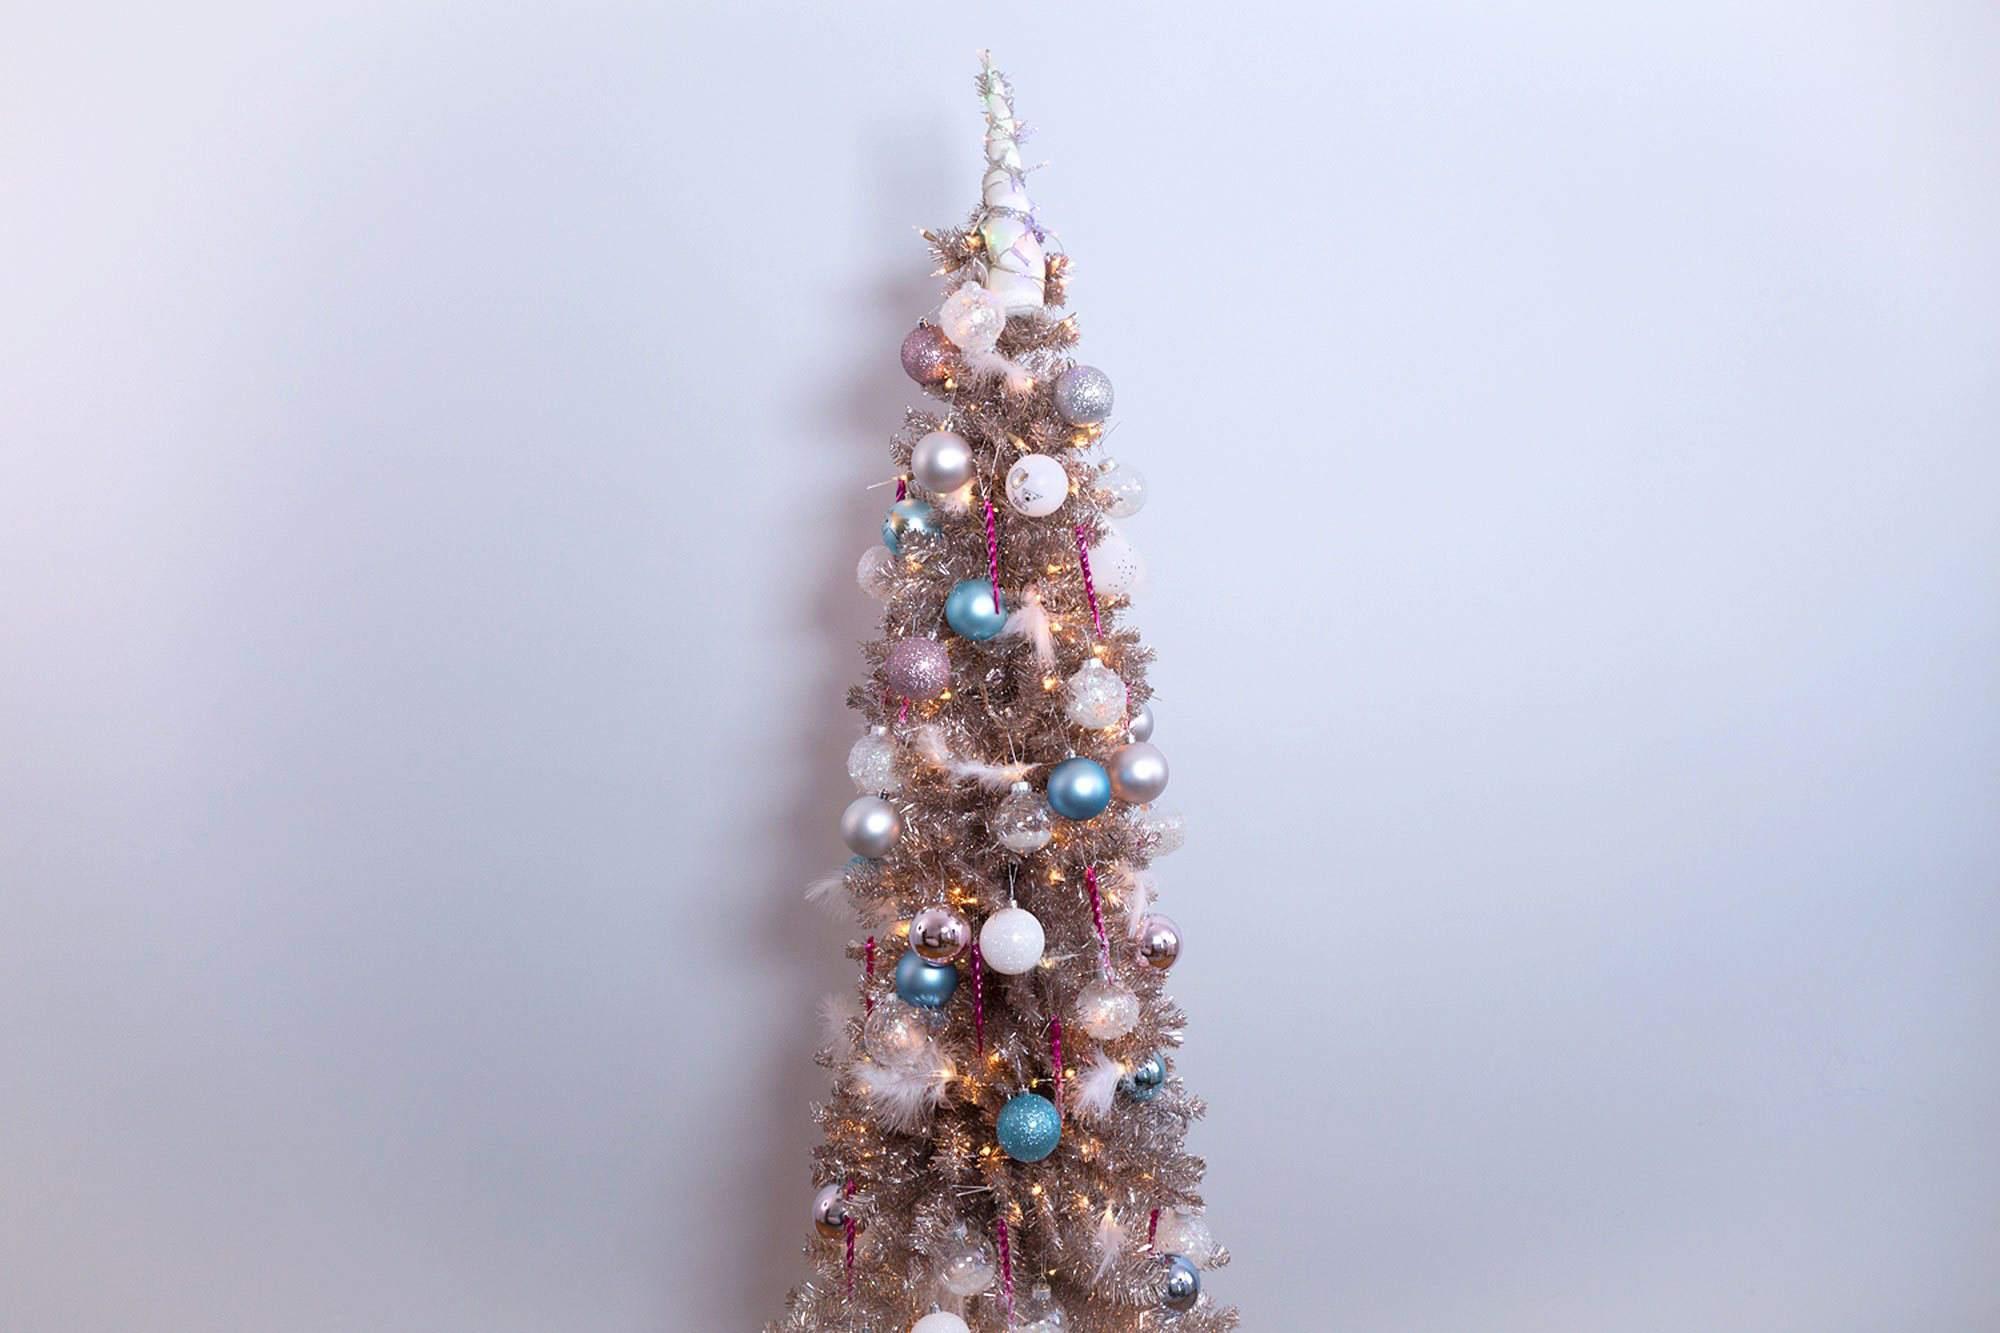 Árbol de Navidad con adorno de unicornio.